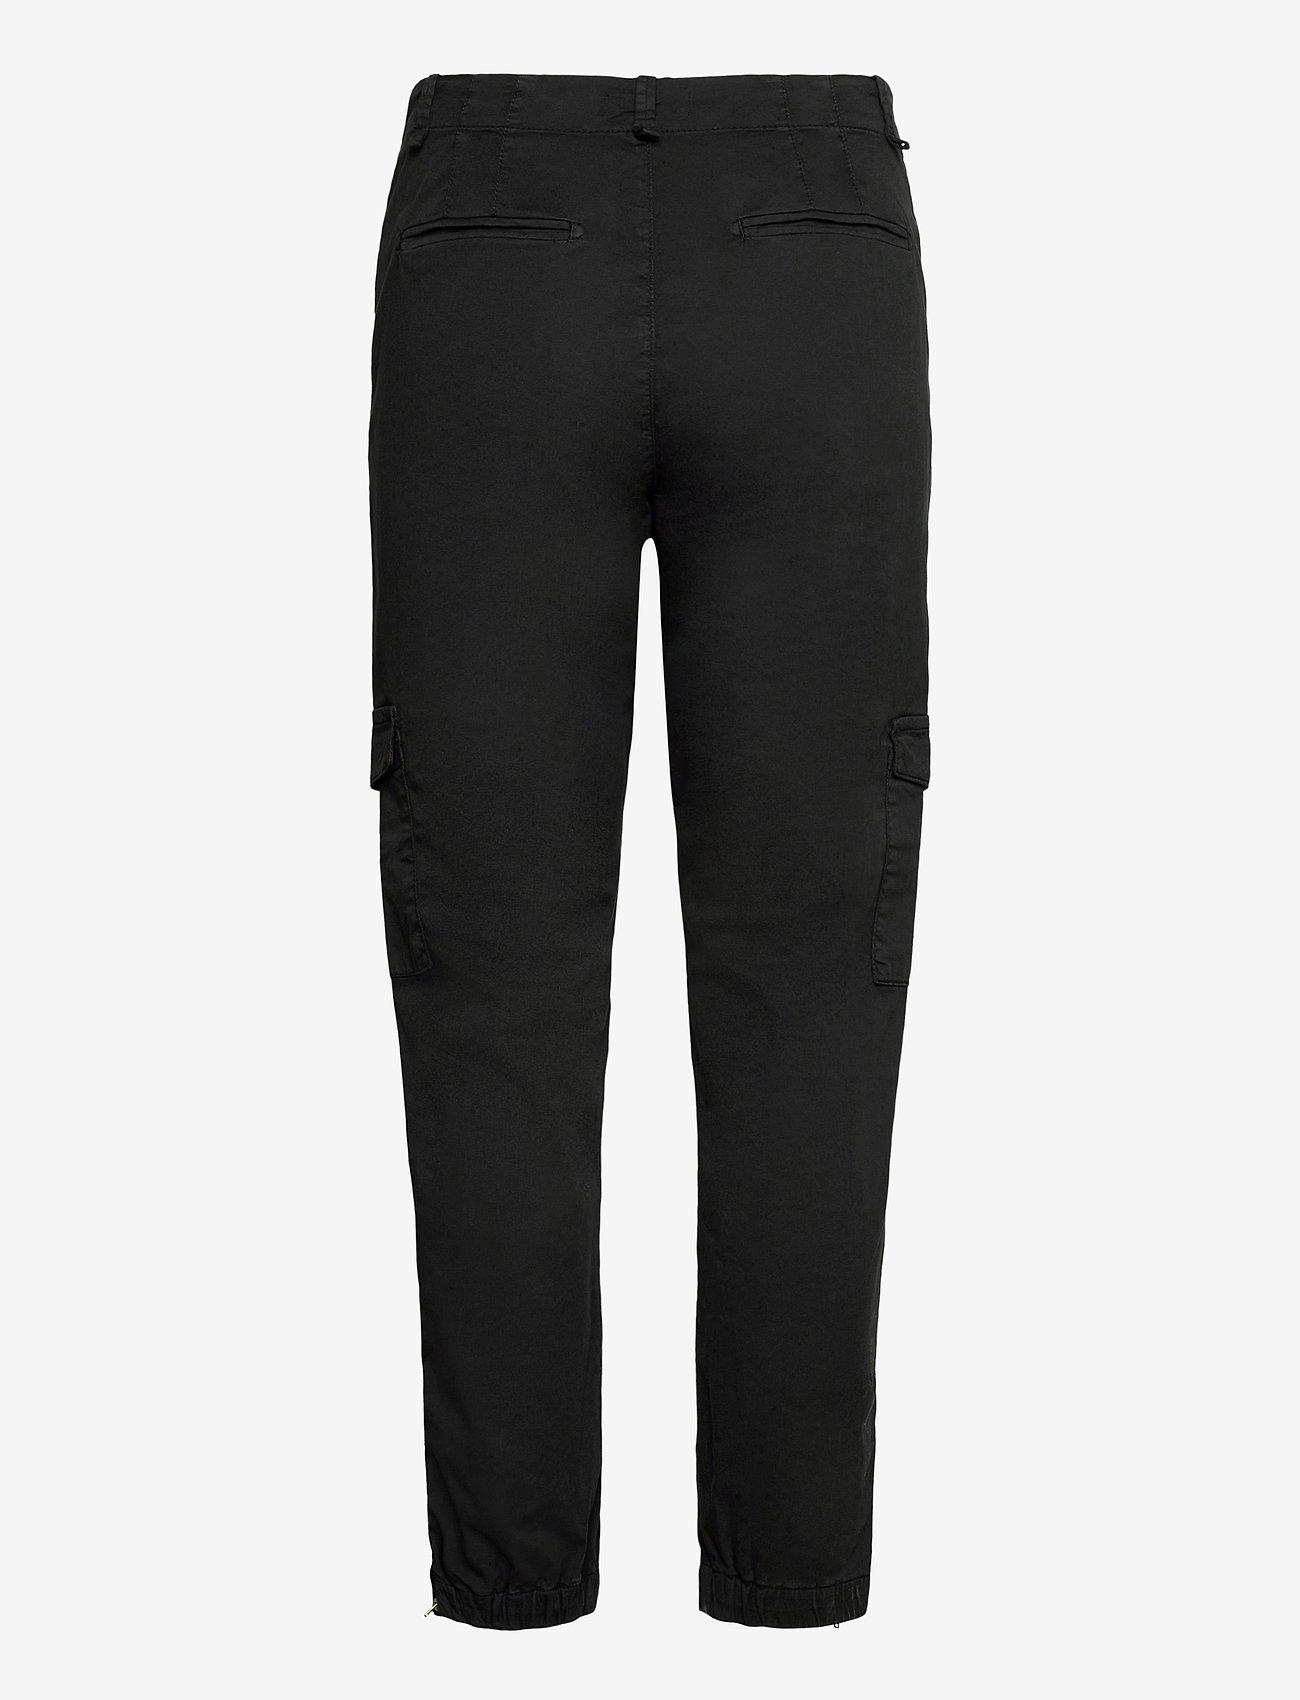 Part Two - SevenPW PA - pantalons droits - black - 1